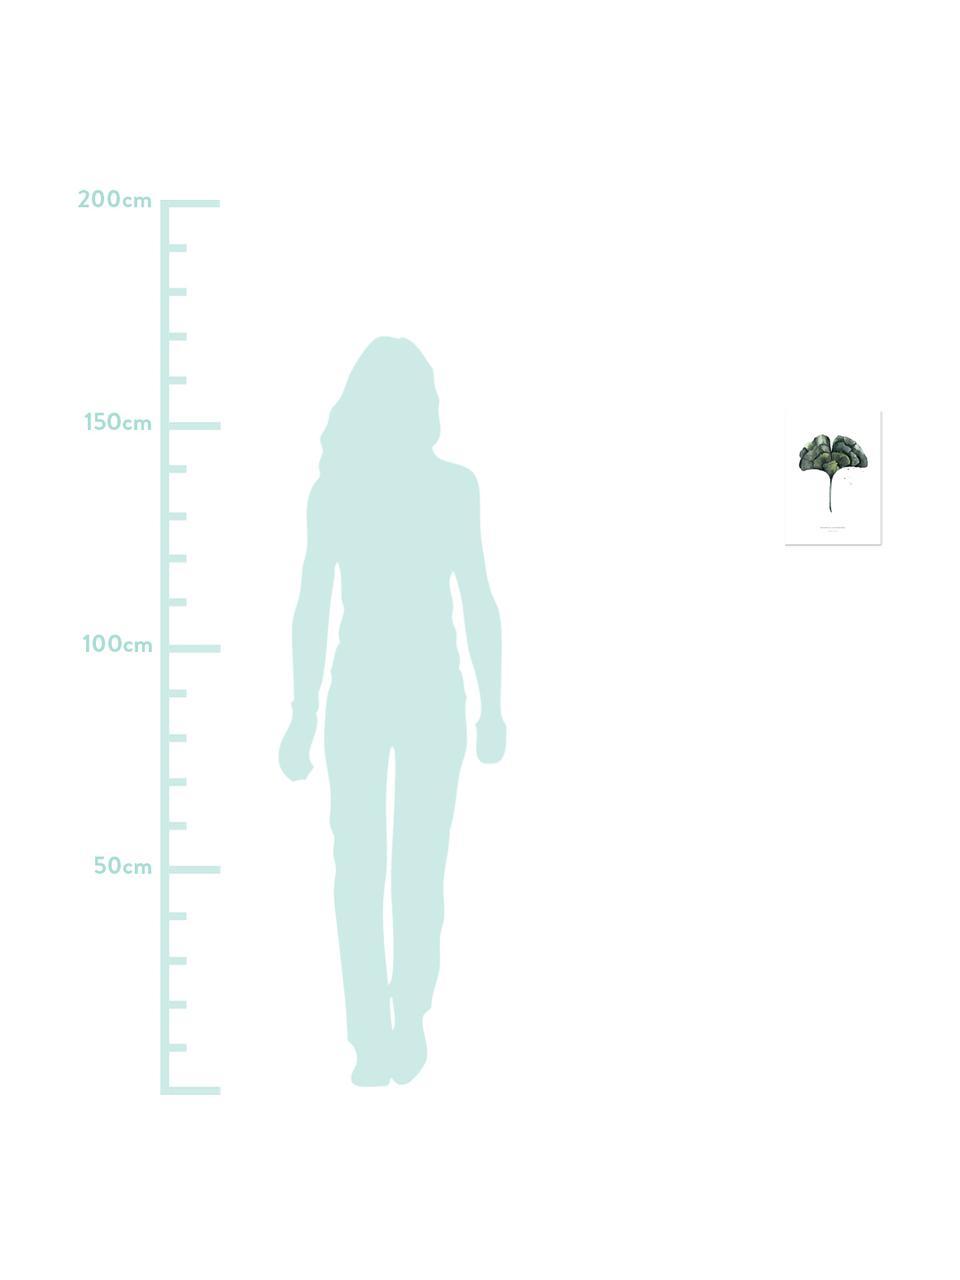 Poster Ginko, Digitaldruck auf Papier, 200 g/m², Weiß, Grün, 21 x 30 cm